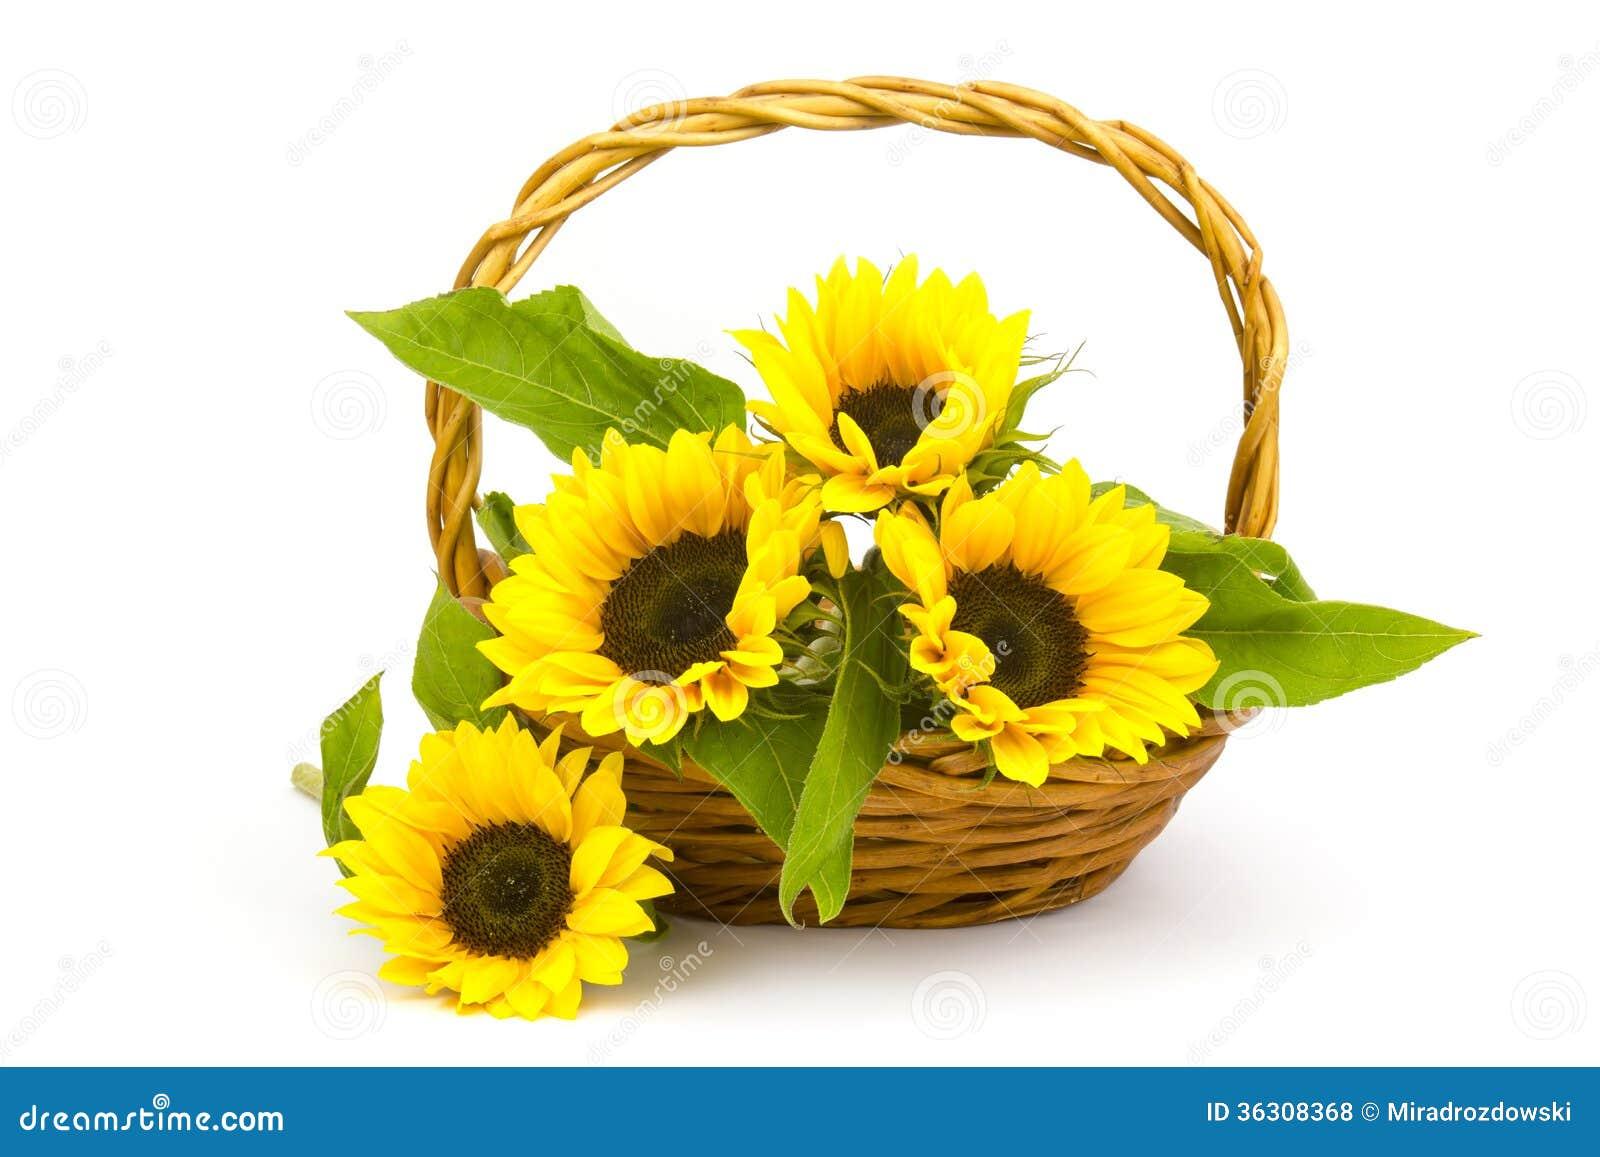 bouquet de tournesol dans un panier photo stock - image du jour